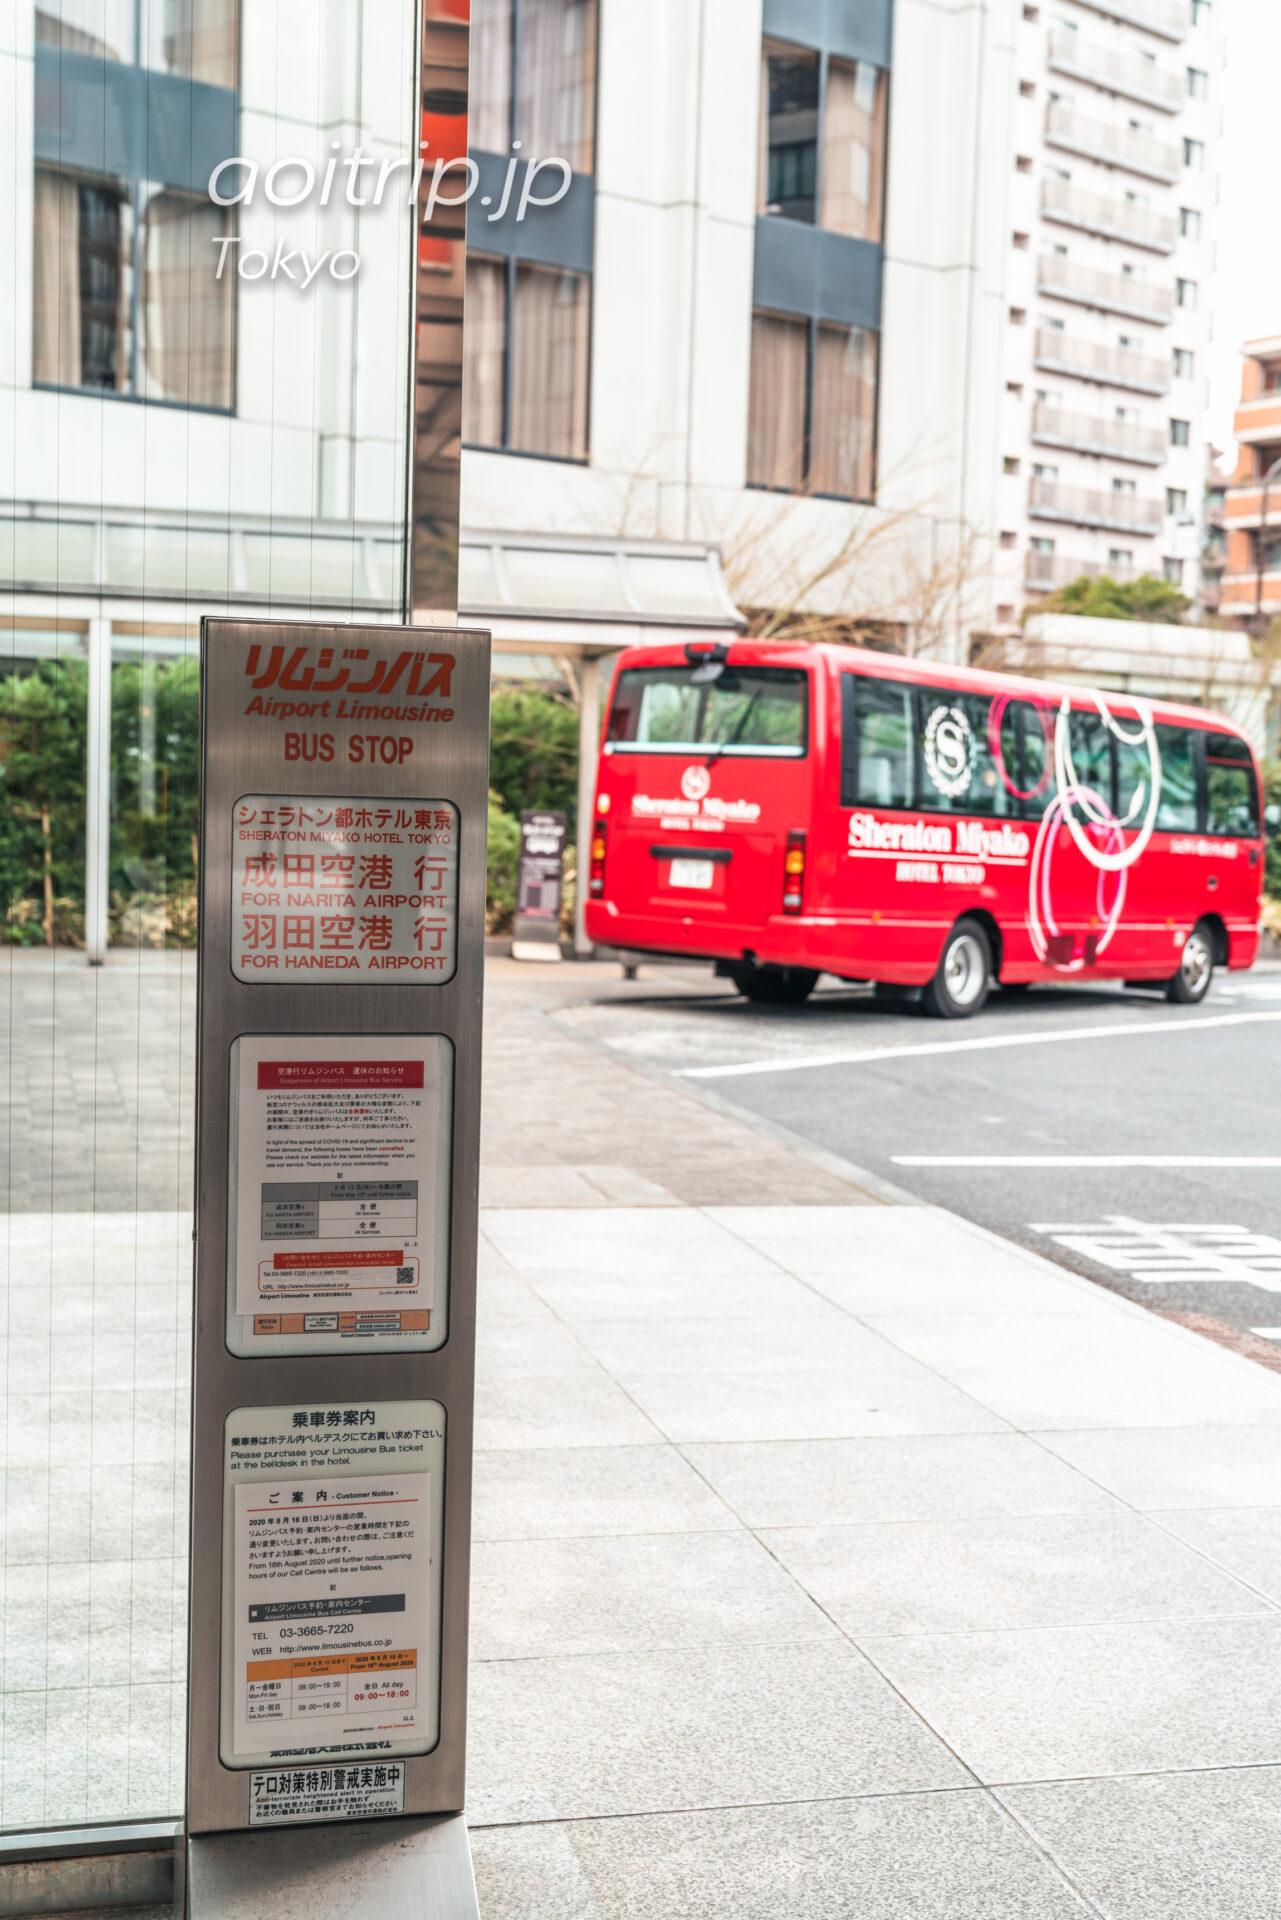 シェラトン都ホテル東京(Sheraton Miyako Hotel Tokyo)の無料シャトルバス